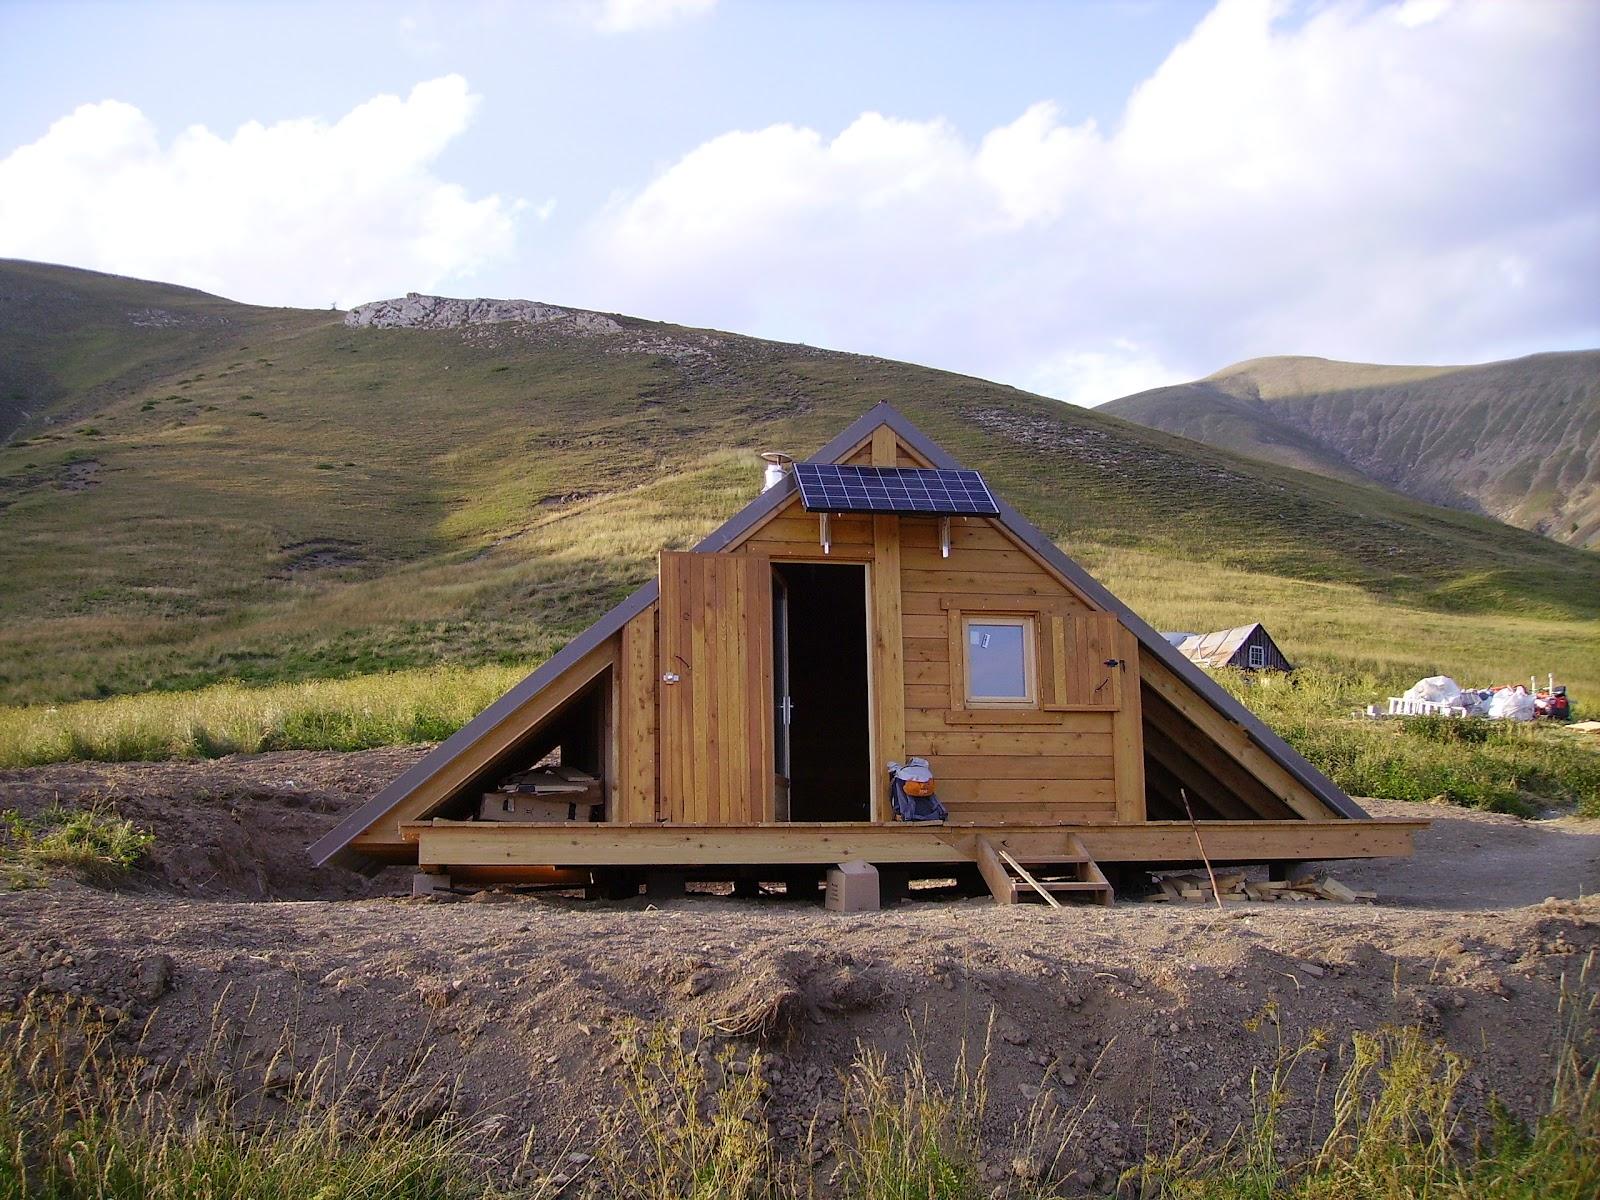 cerpam alpes de haute provence toujours autant de chantiers de cabanes pastorales. Black Bedroom Furniture Sets. Home Design Ideas